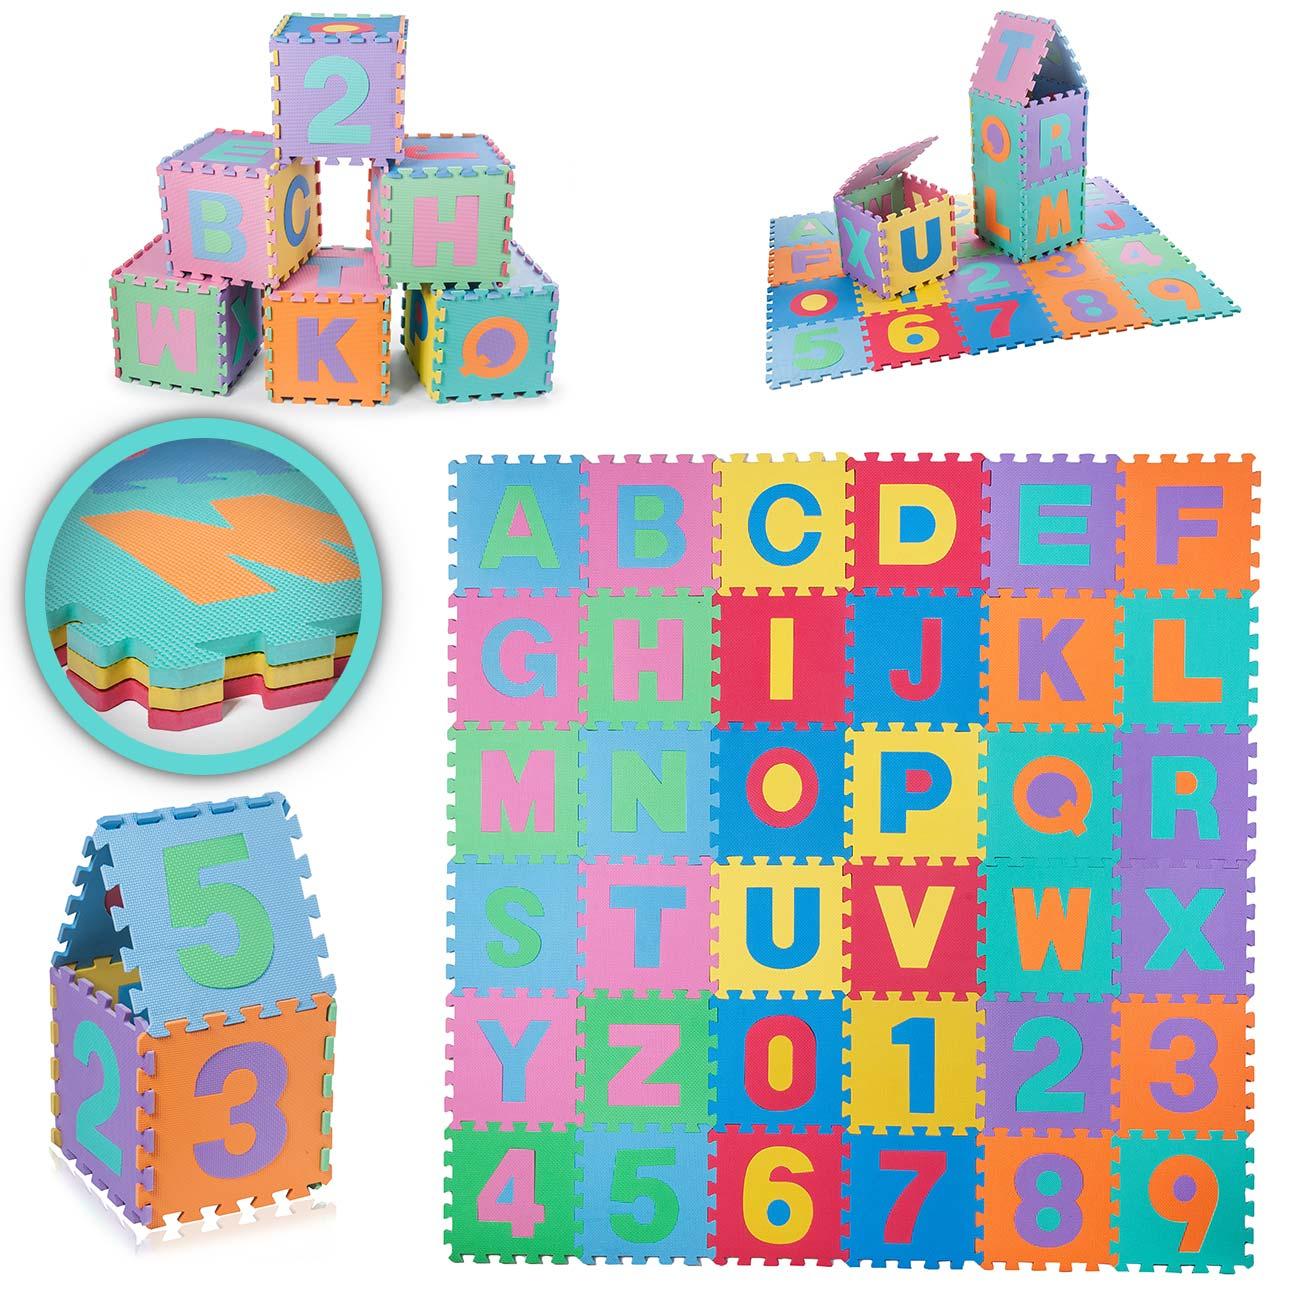 Baby Vivo Tapis De Jeu Puzzle En Mousse Eva Pour Enfants 190 X 190 Cm –  Avec Lettres Et Chiffres | Ma Trading concernant Jeux De Puzzle Enfant